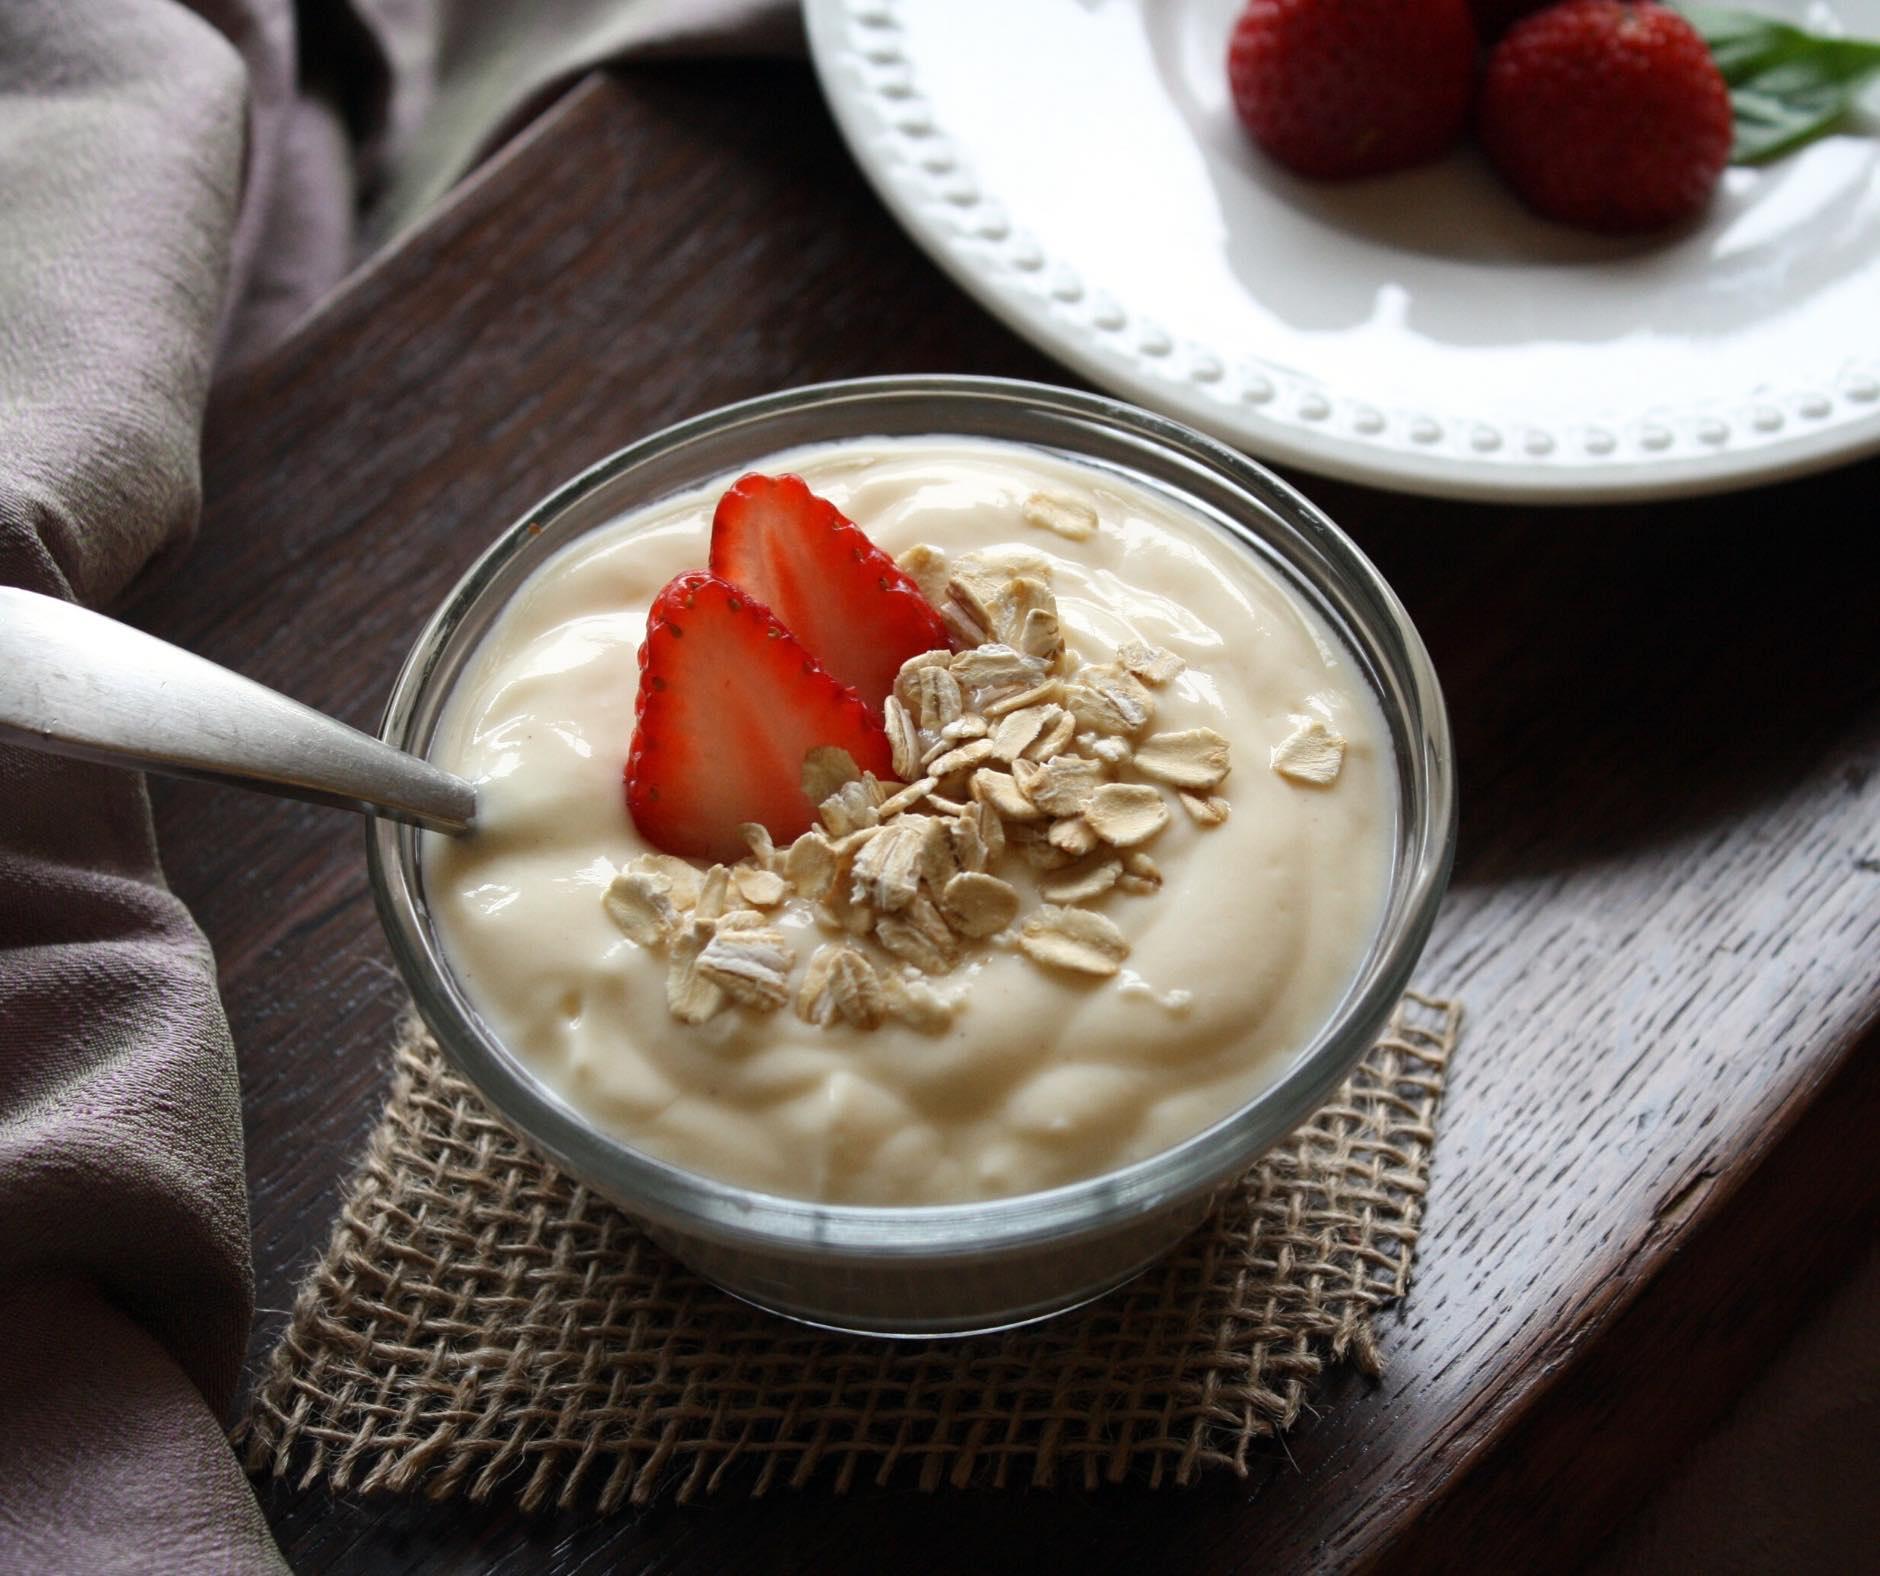 Ricetta Yogurt Greco Fatto In Casa Senza Yogurtiera.Yogurt Fatto In Casa Come Si Prepara Con O Senza Yogurtiera Come Si Trasforma In Yogurt Greco Fai Da Te